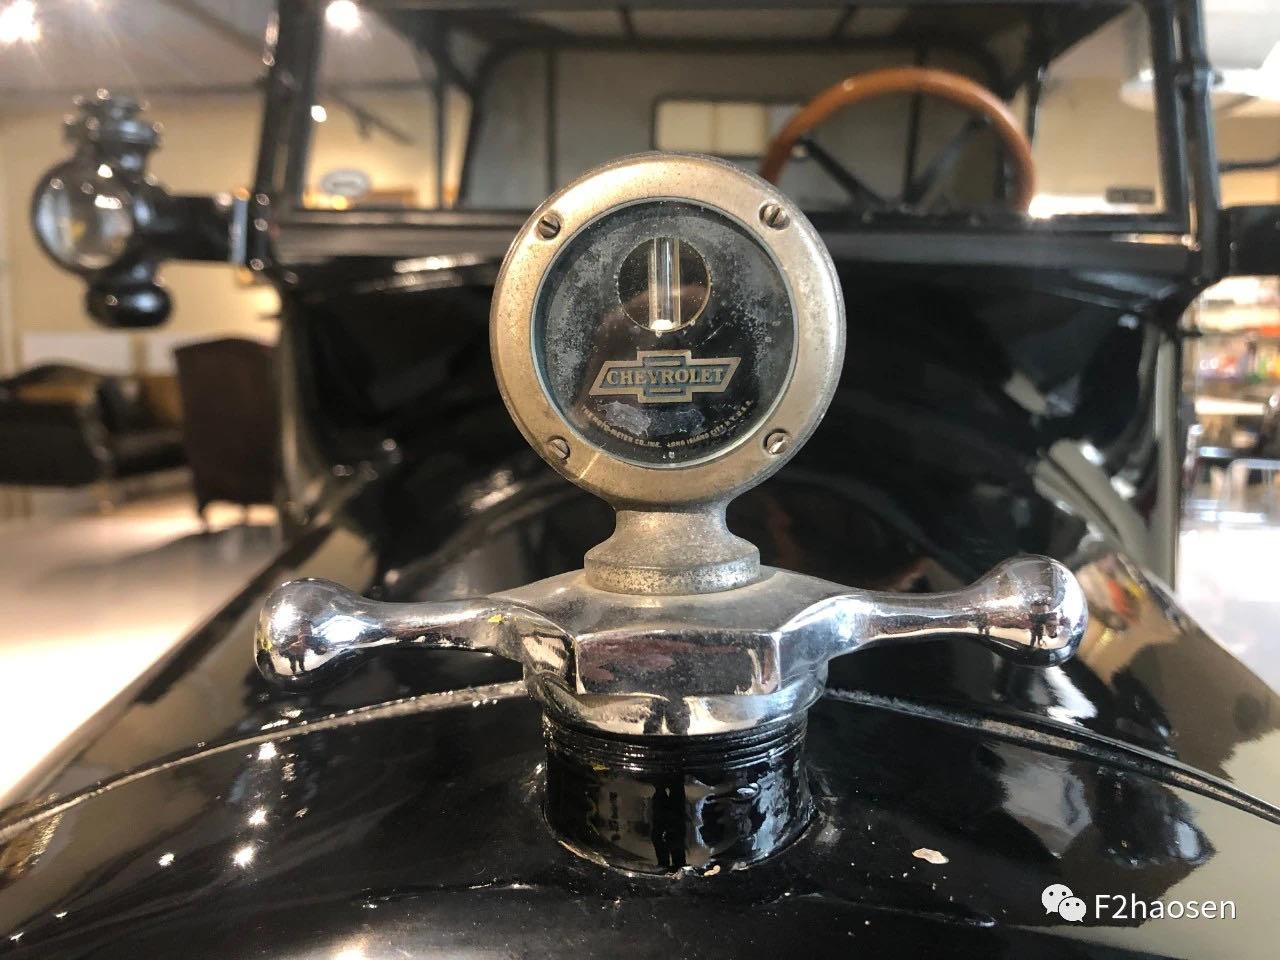 老爷车 古董车 影视剧 婚庆 收藏 1917雪佛兰 490232 作者:F2大森古典车